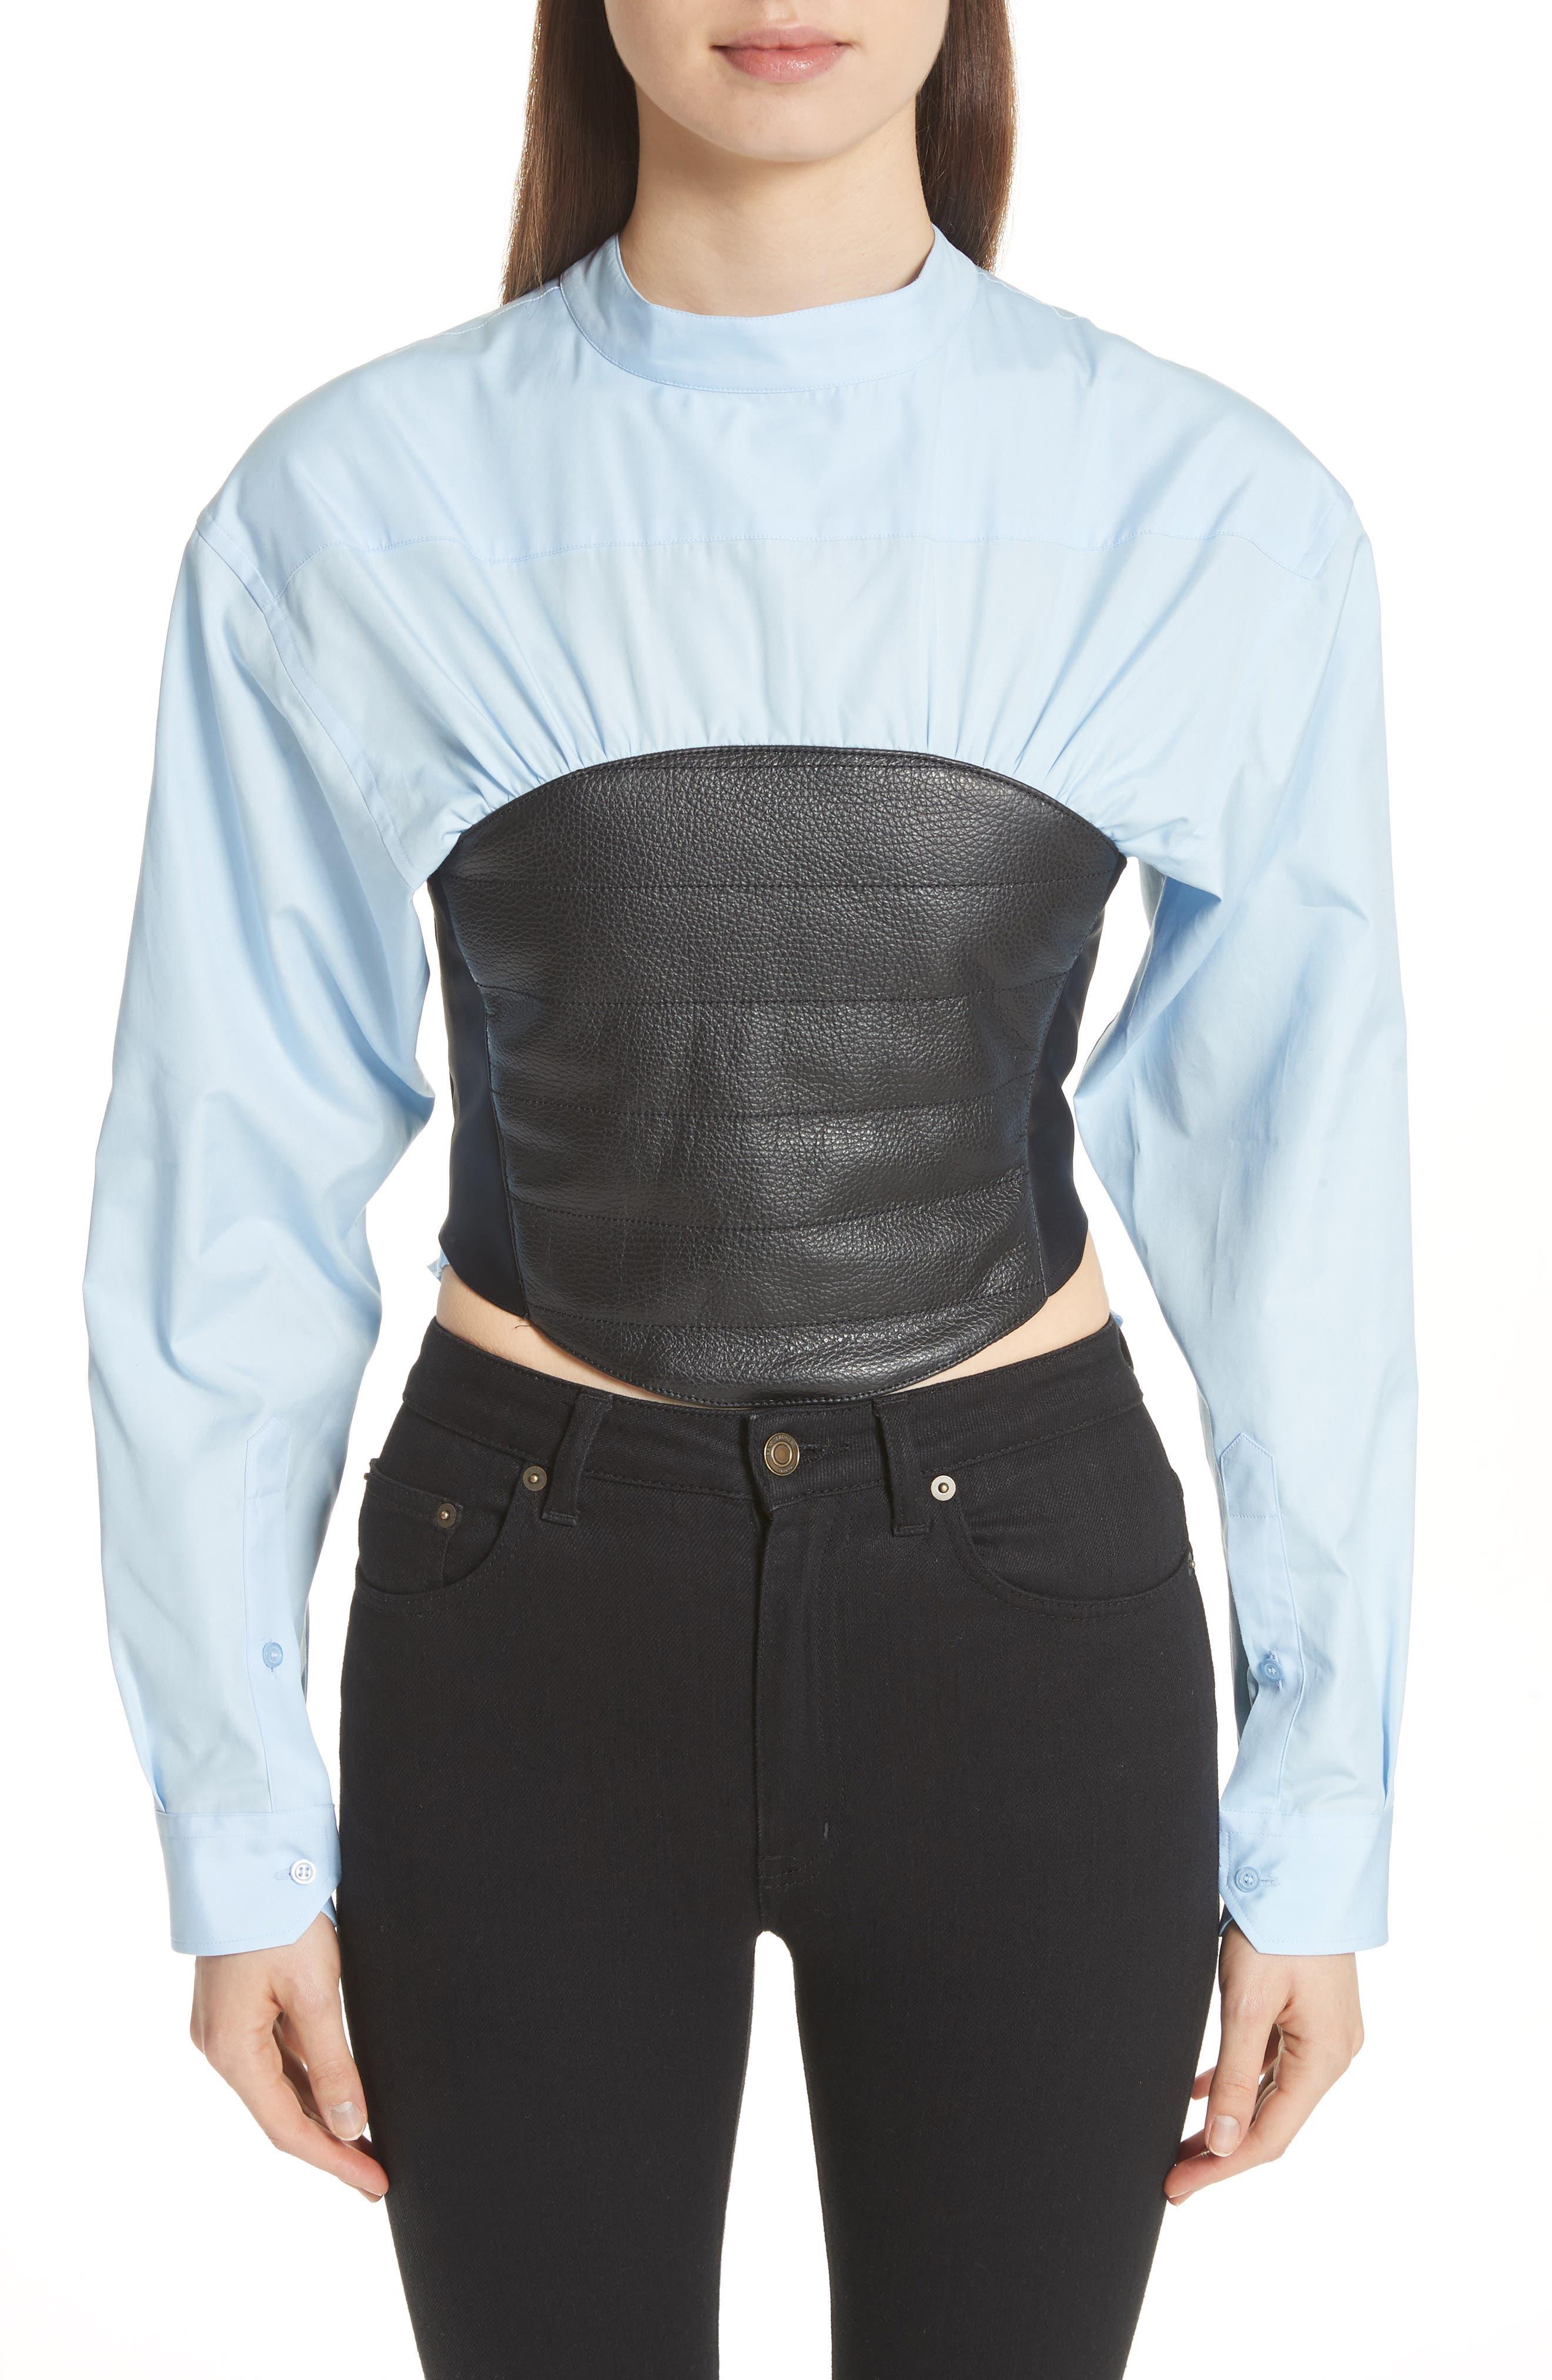 Bustier Shirt,                         Main,                         color, Blue/ Black Bustier